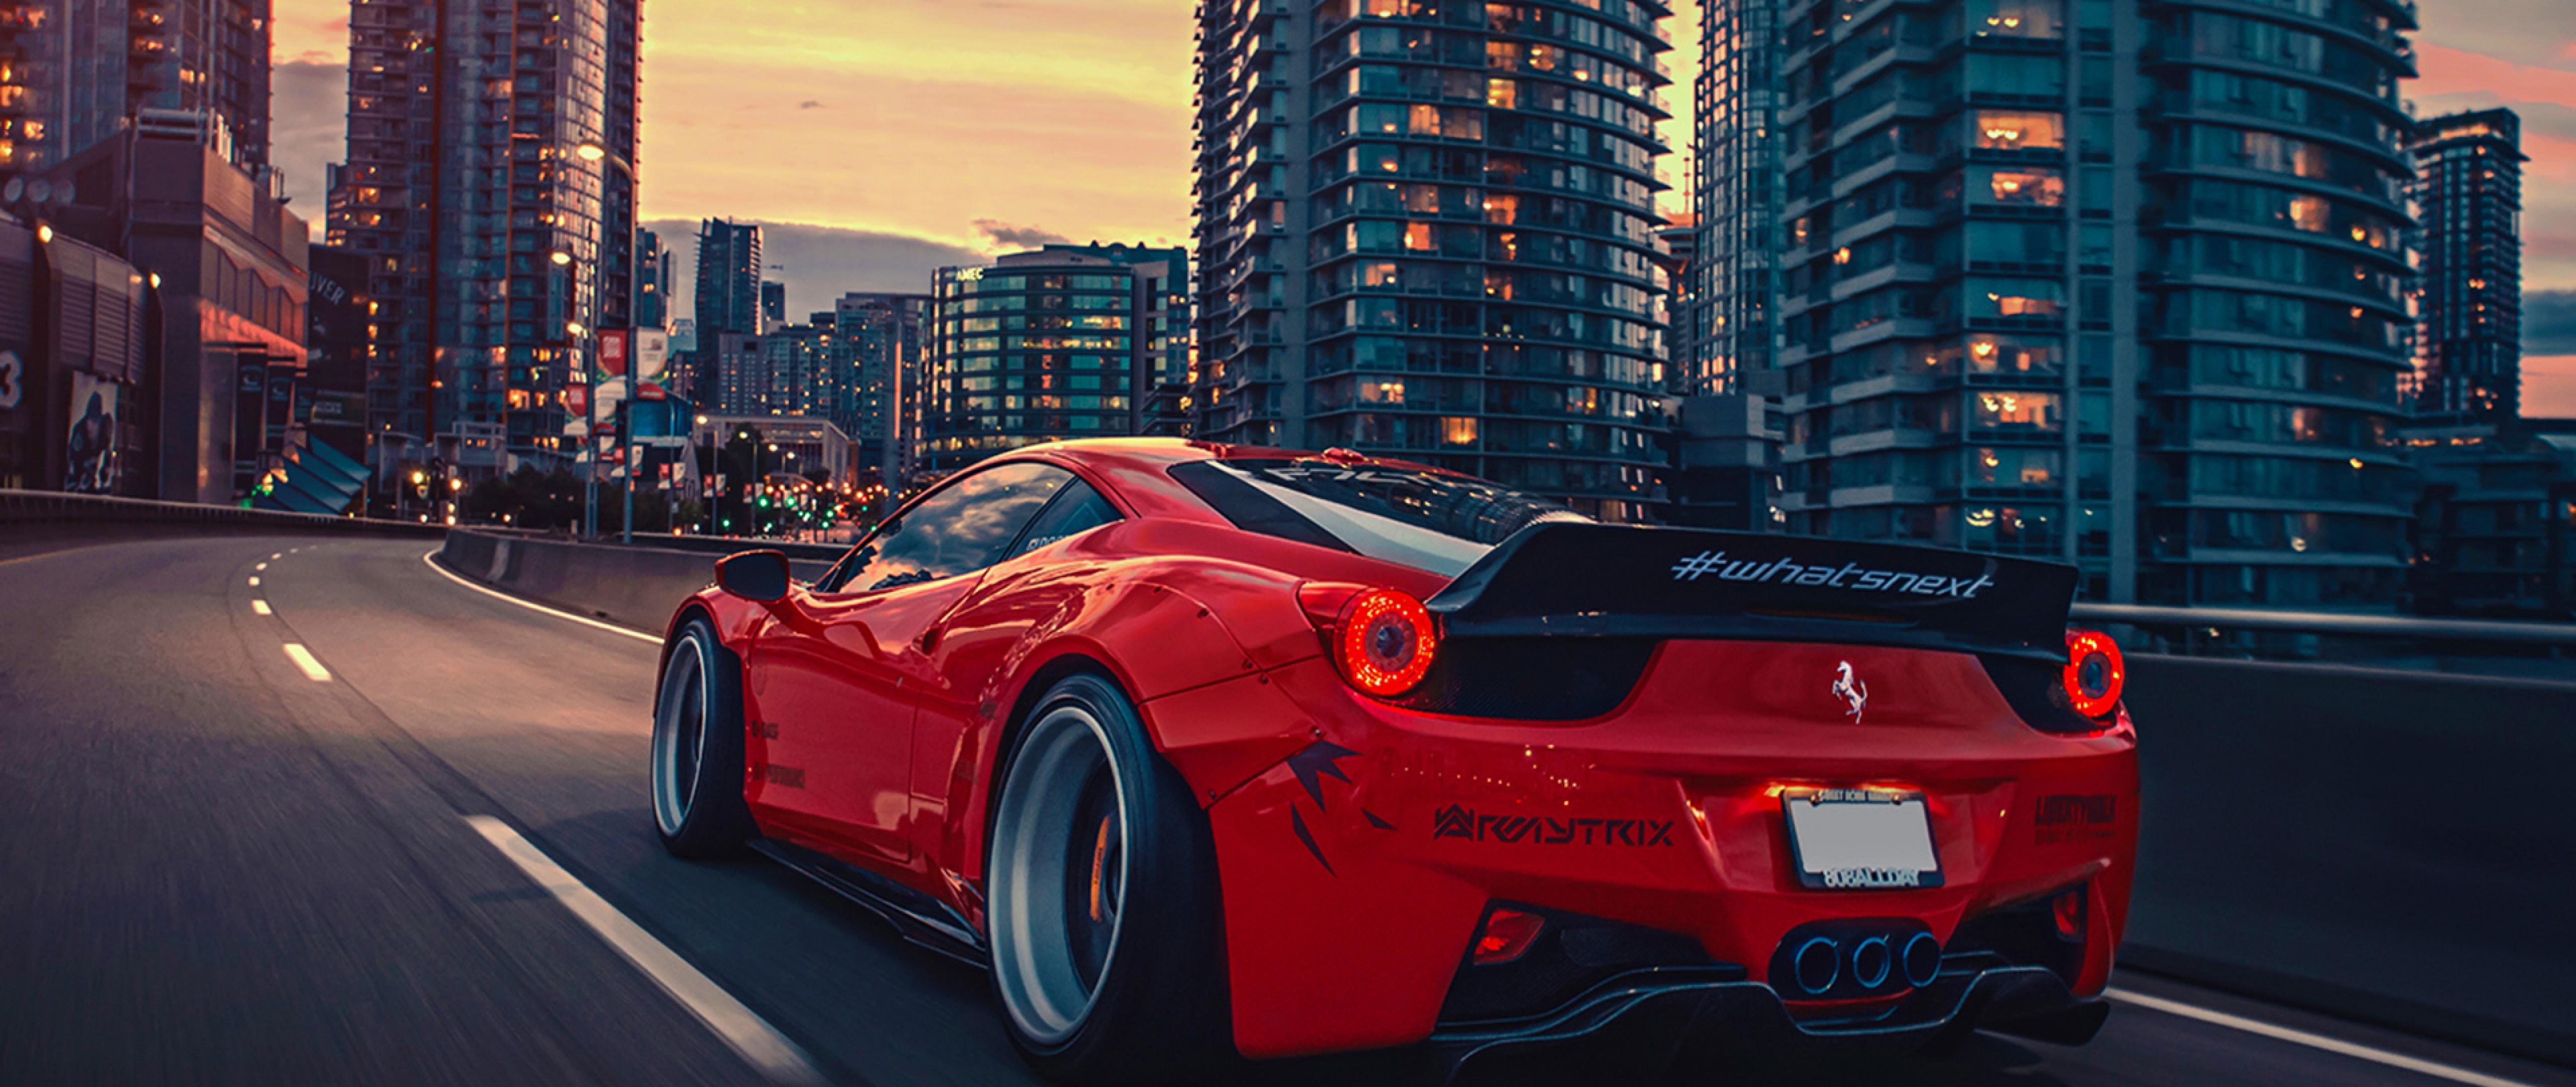 Download Liberty Walk HD 458 Ferrari Wallpaper For Desktop